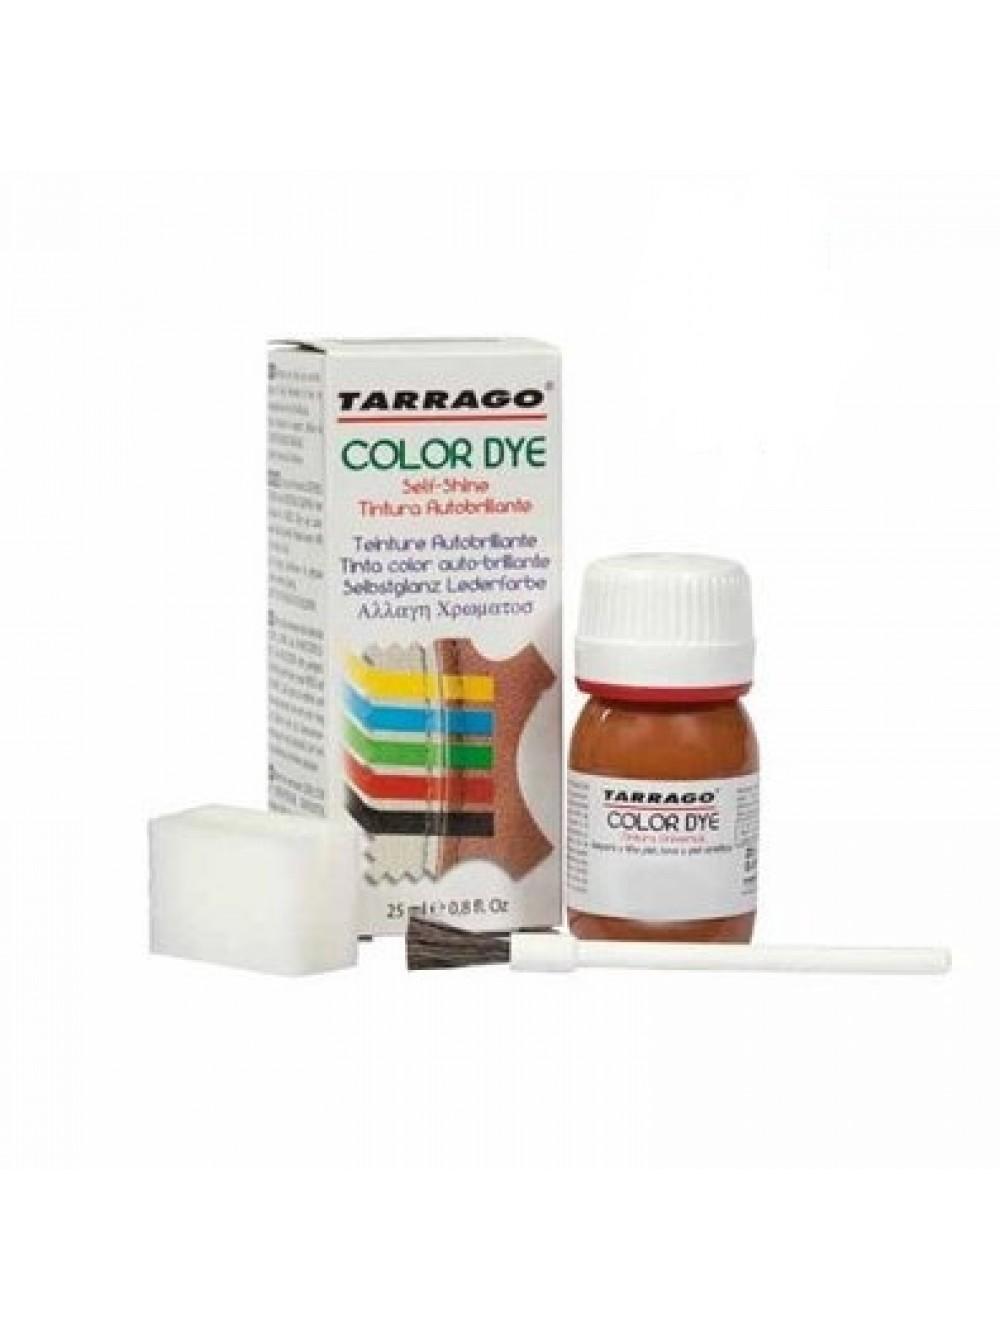 Краситель для гладкой кожи Color Dye — Tarrago, 25 мл.